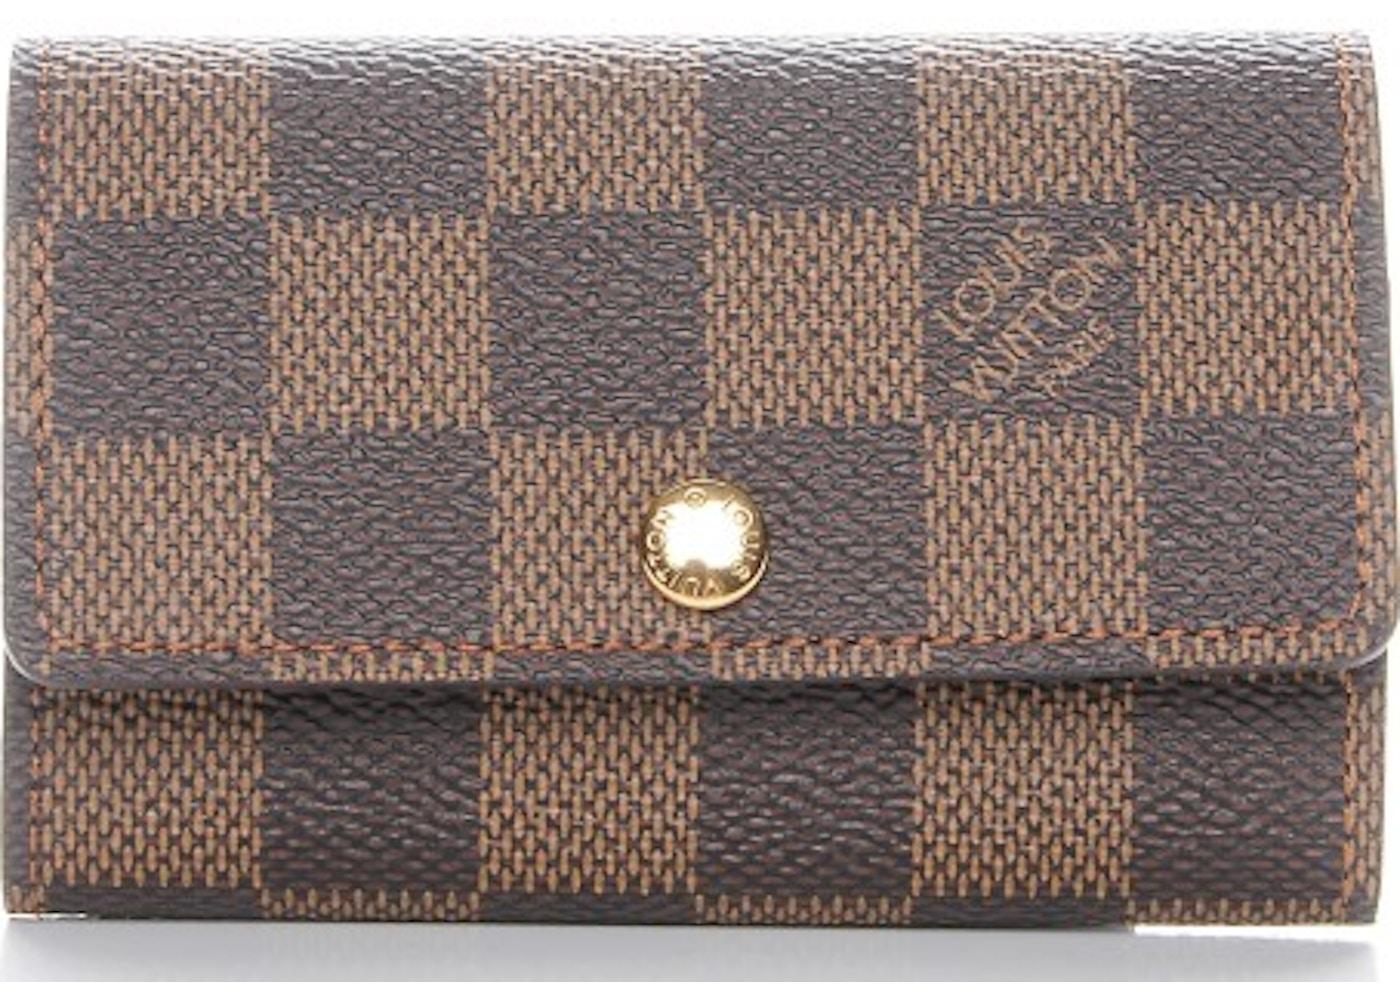 b56755bbb49d Louis Vuitton Multicles 6 Key Holder Damier Ebene. Damier Ebene